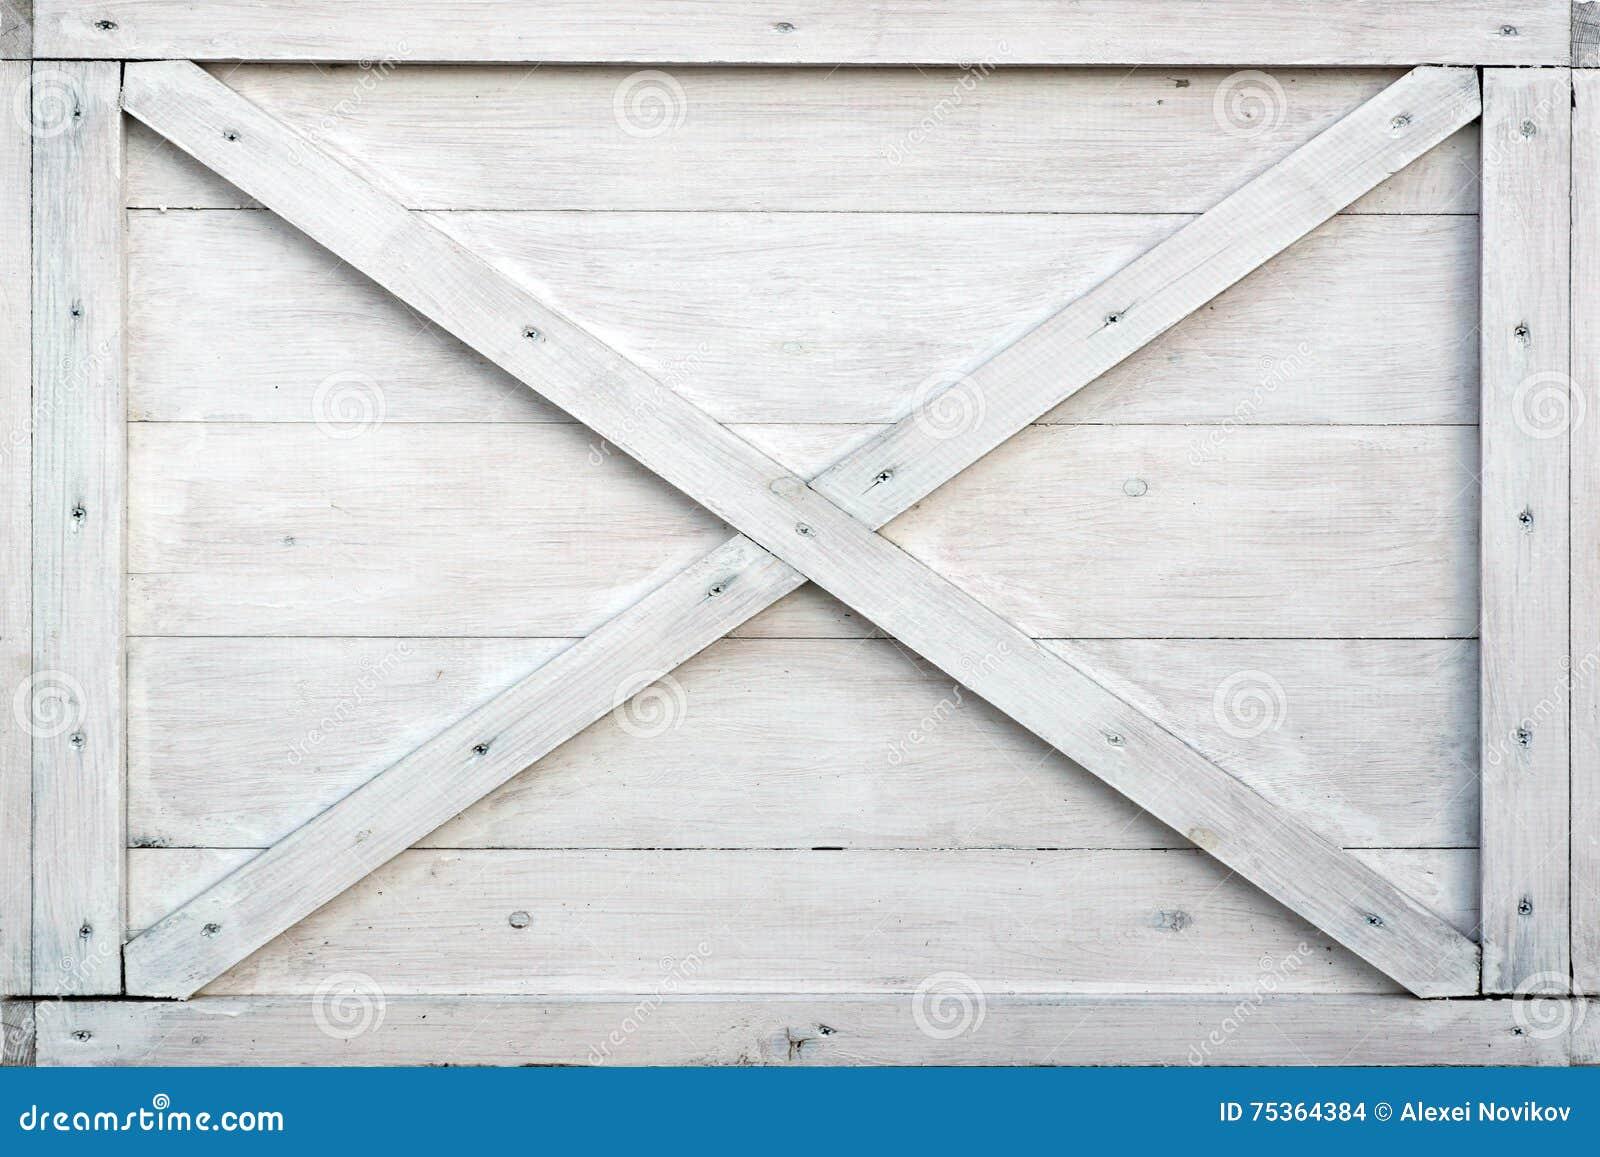 Caja de madera blanca moderna front side background foto for Cajas de madera blancas